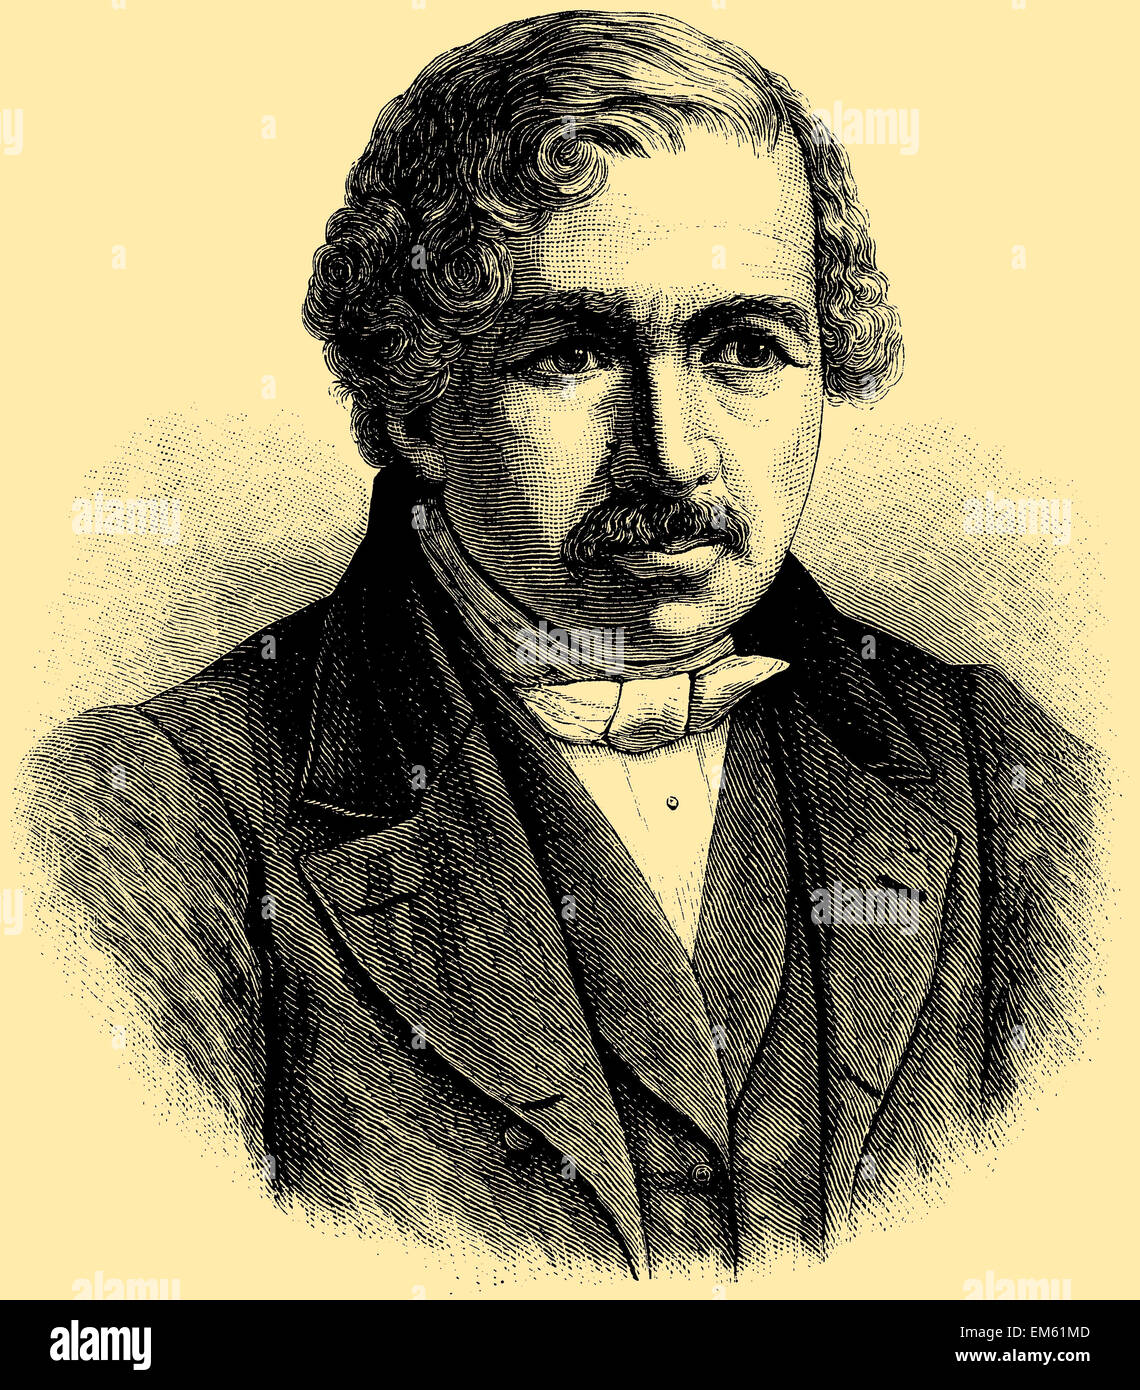 Louis-Jacques-Mandé Daguerre (1787 – 1851), French artist and chemist - Stock Image